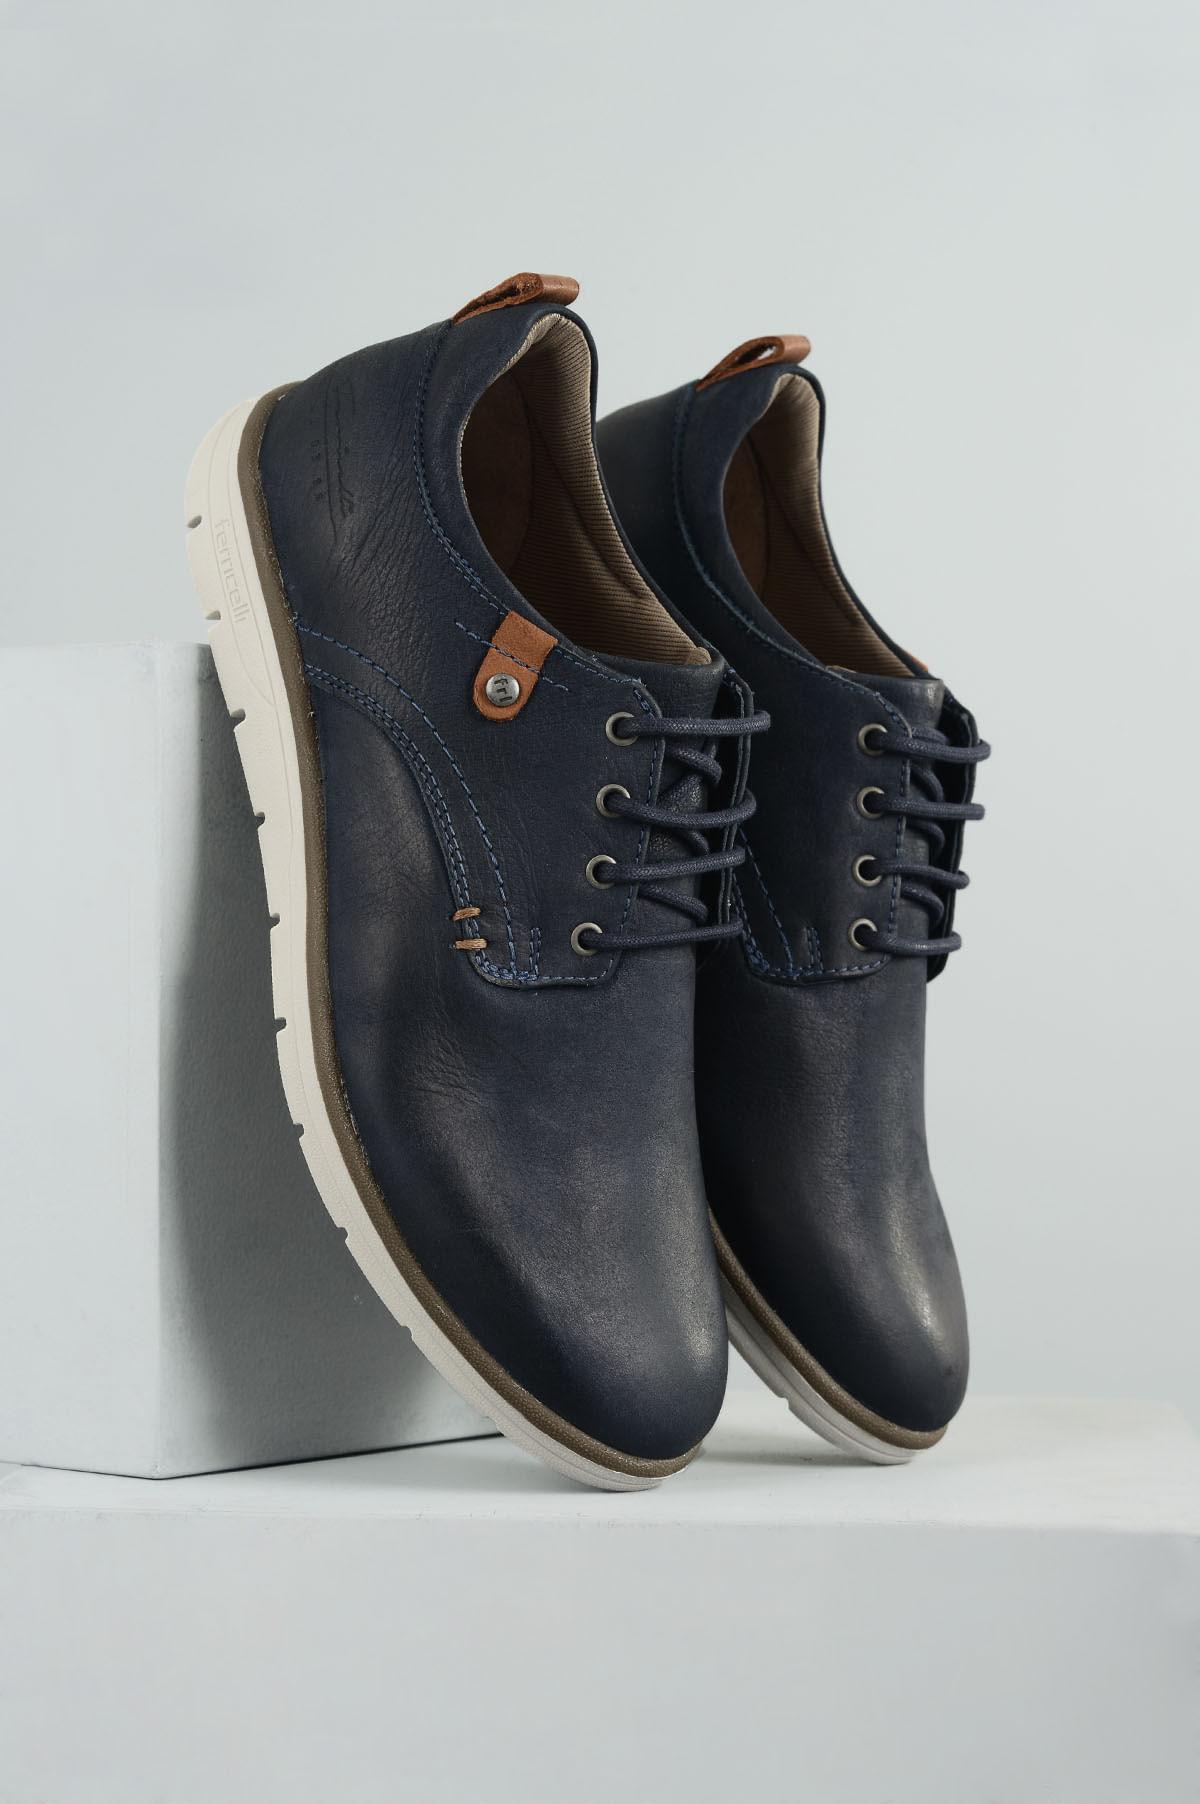 c4e5b6eec Sapatênis Masculino Ferricelli Rony CR-MARINHO - Mundial Calçados